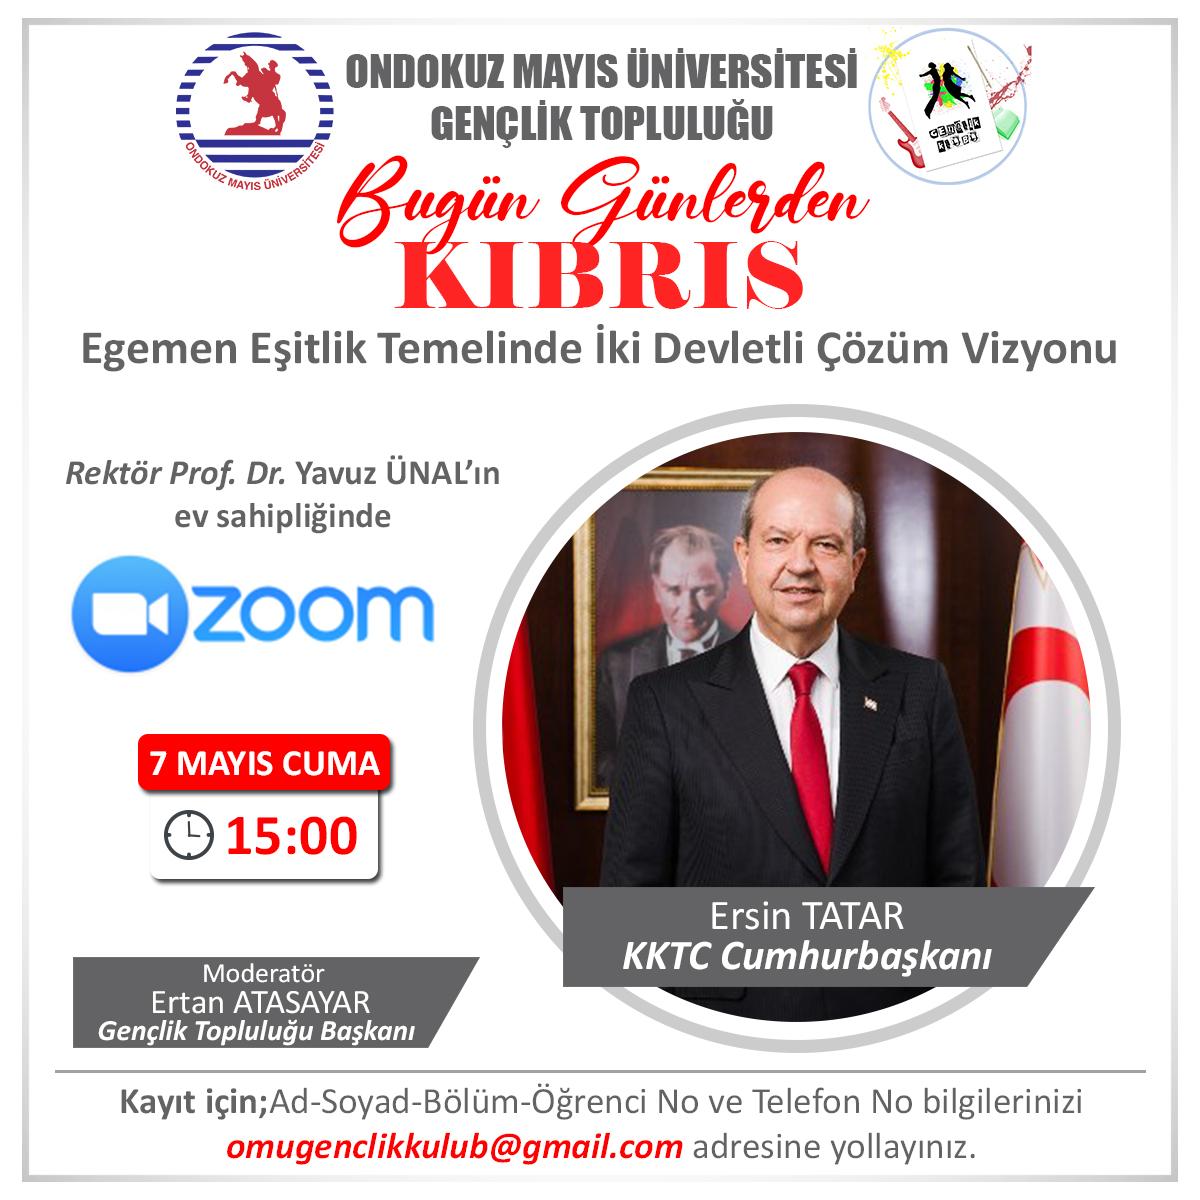 https://www.omu.edu.tr/sites/default/files/omu_genclik_toplulugu_konuk_ersin_tatar.jpg